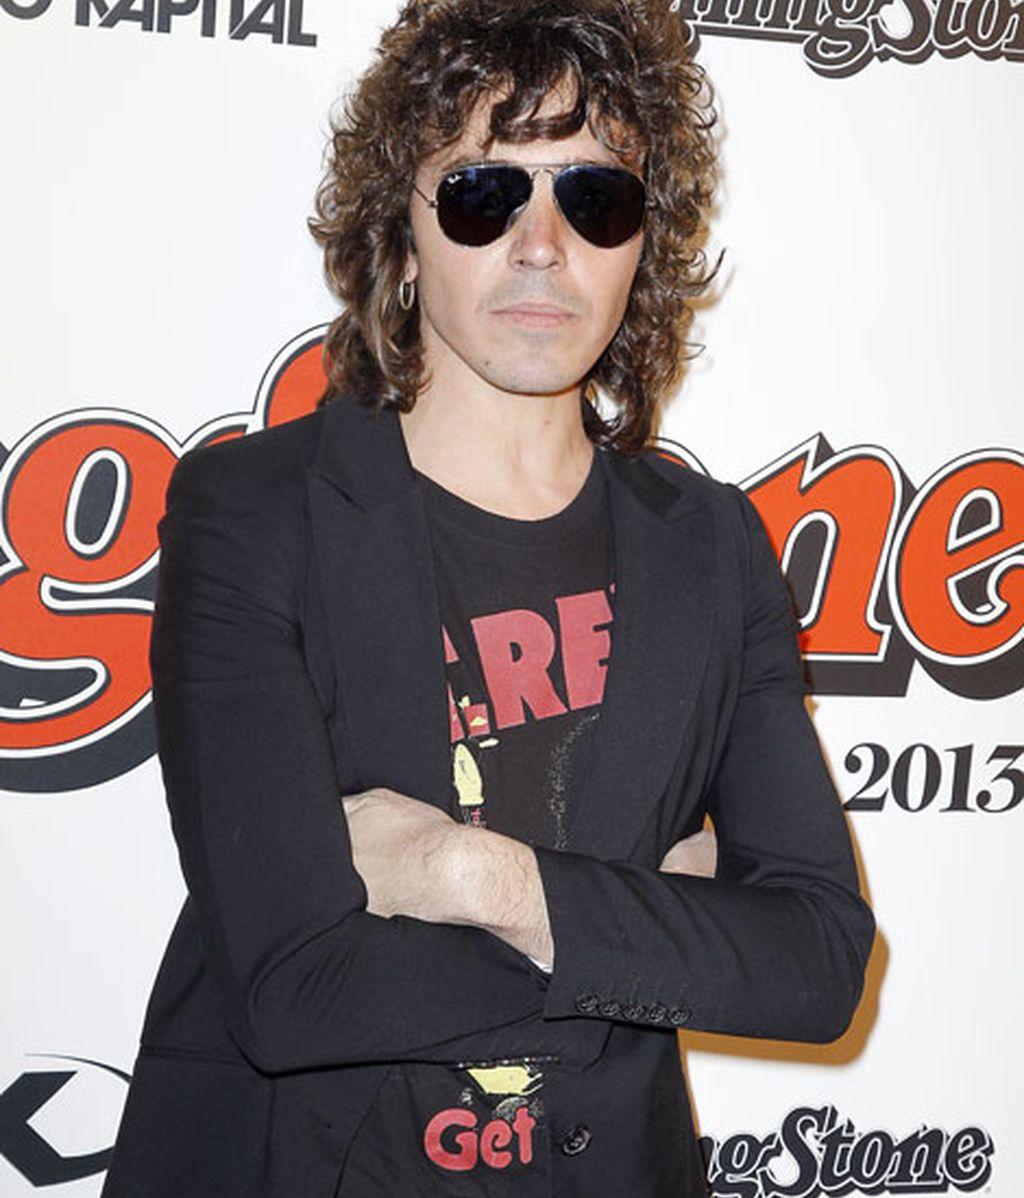 El cantante Rubén Pozo llevó una chaqueta americana